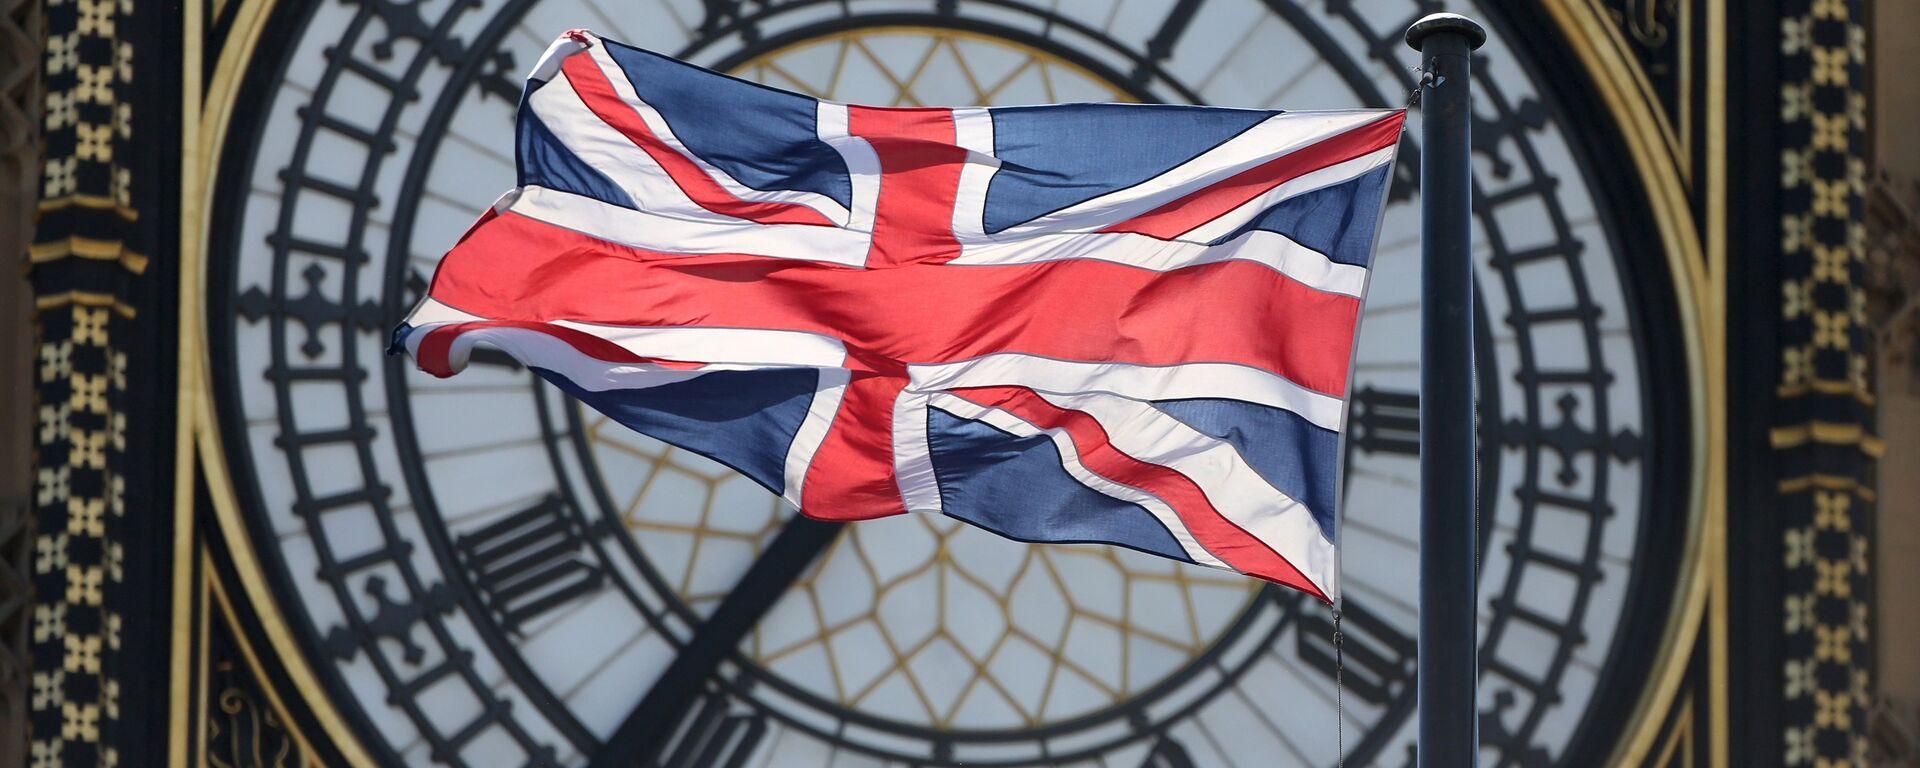 Vlajka Velké Británie - Sputnik Česká republika, 1920, 09.05.2021